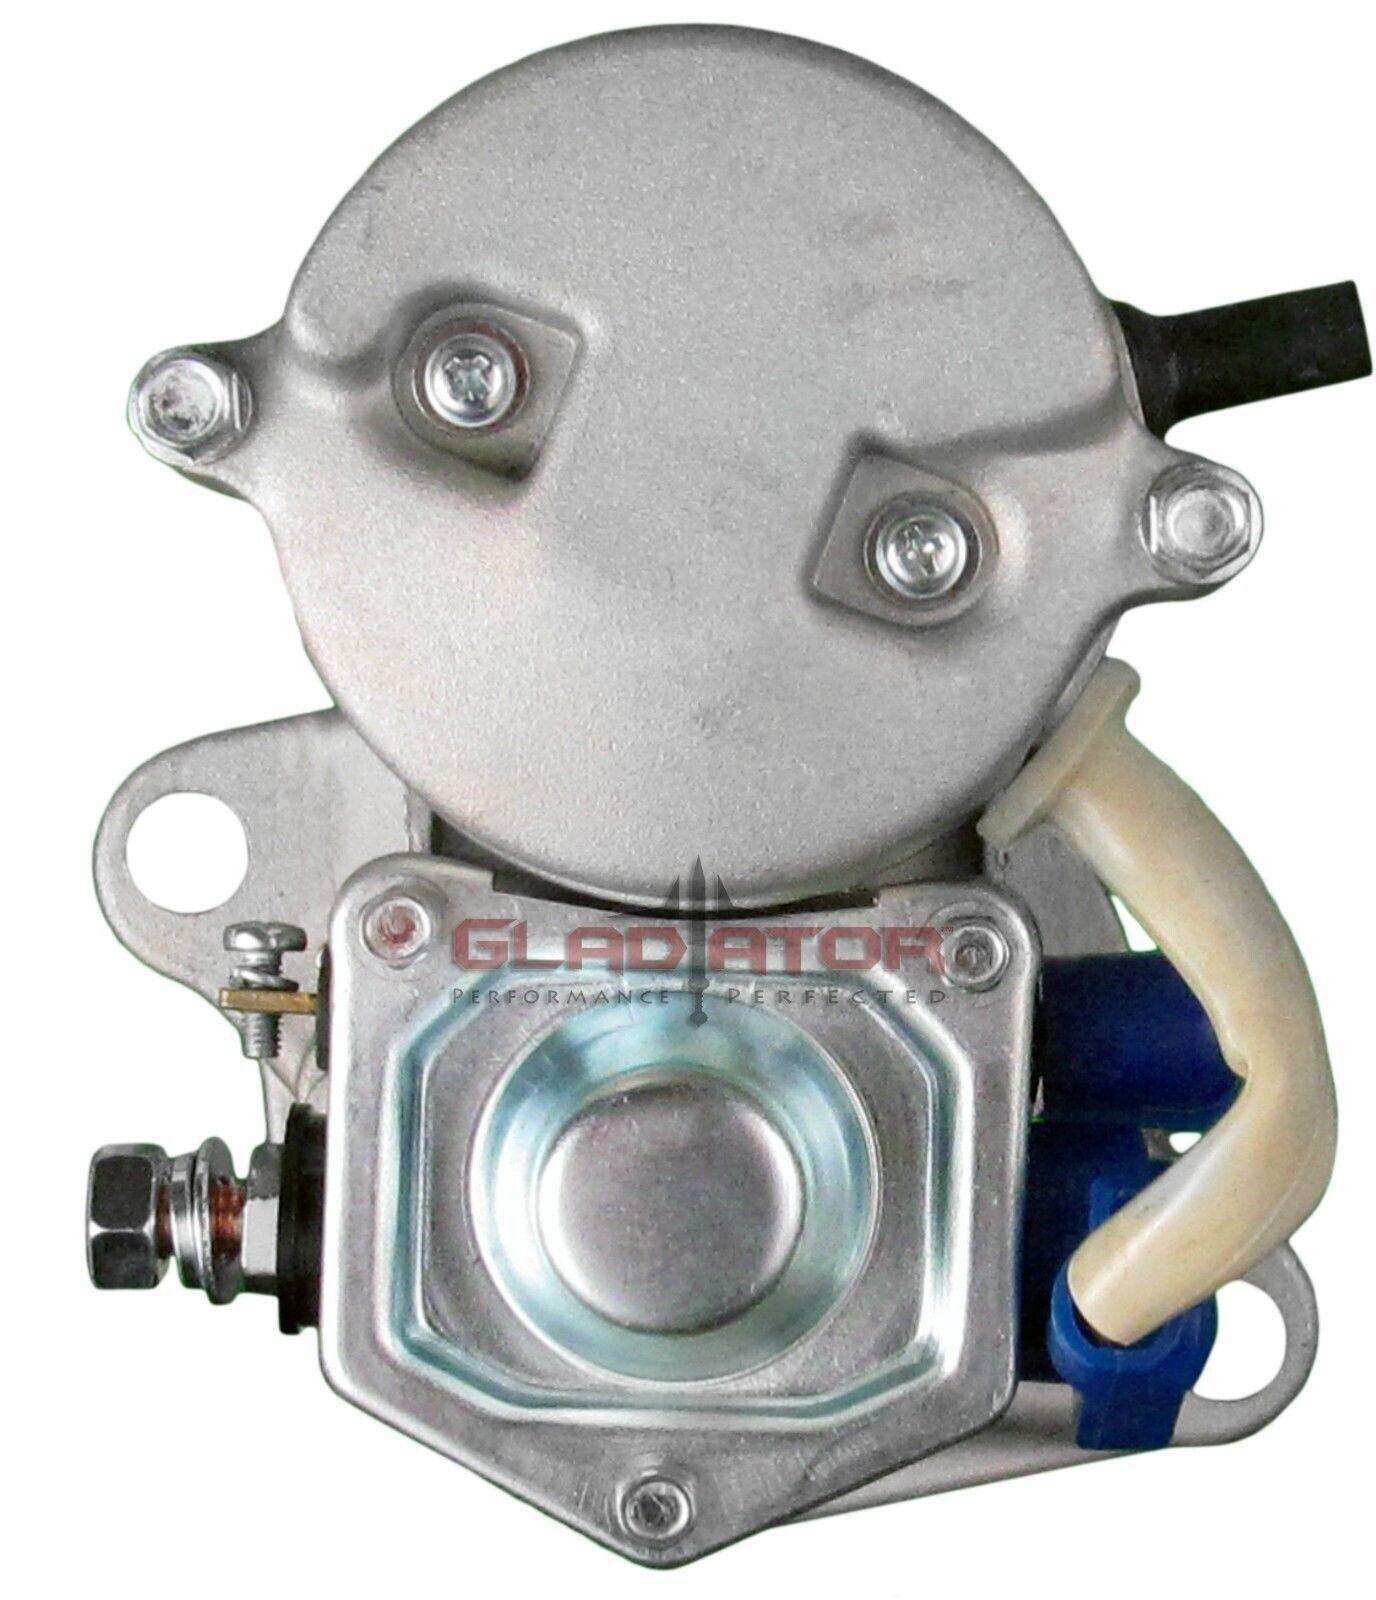 New Starter Cat forklift 1404 Engine 12 Volt 10 Tooth 128000-1050 6T7004 446518